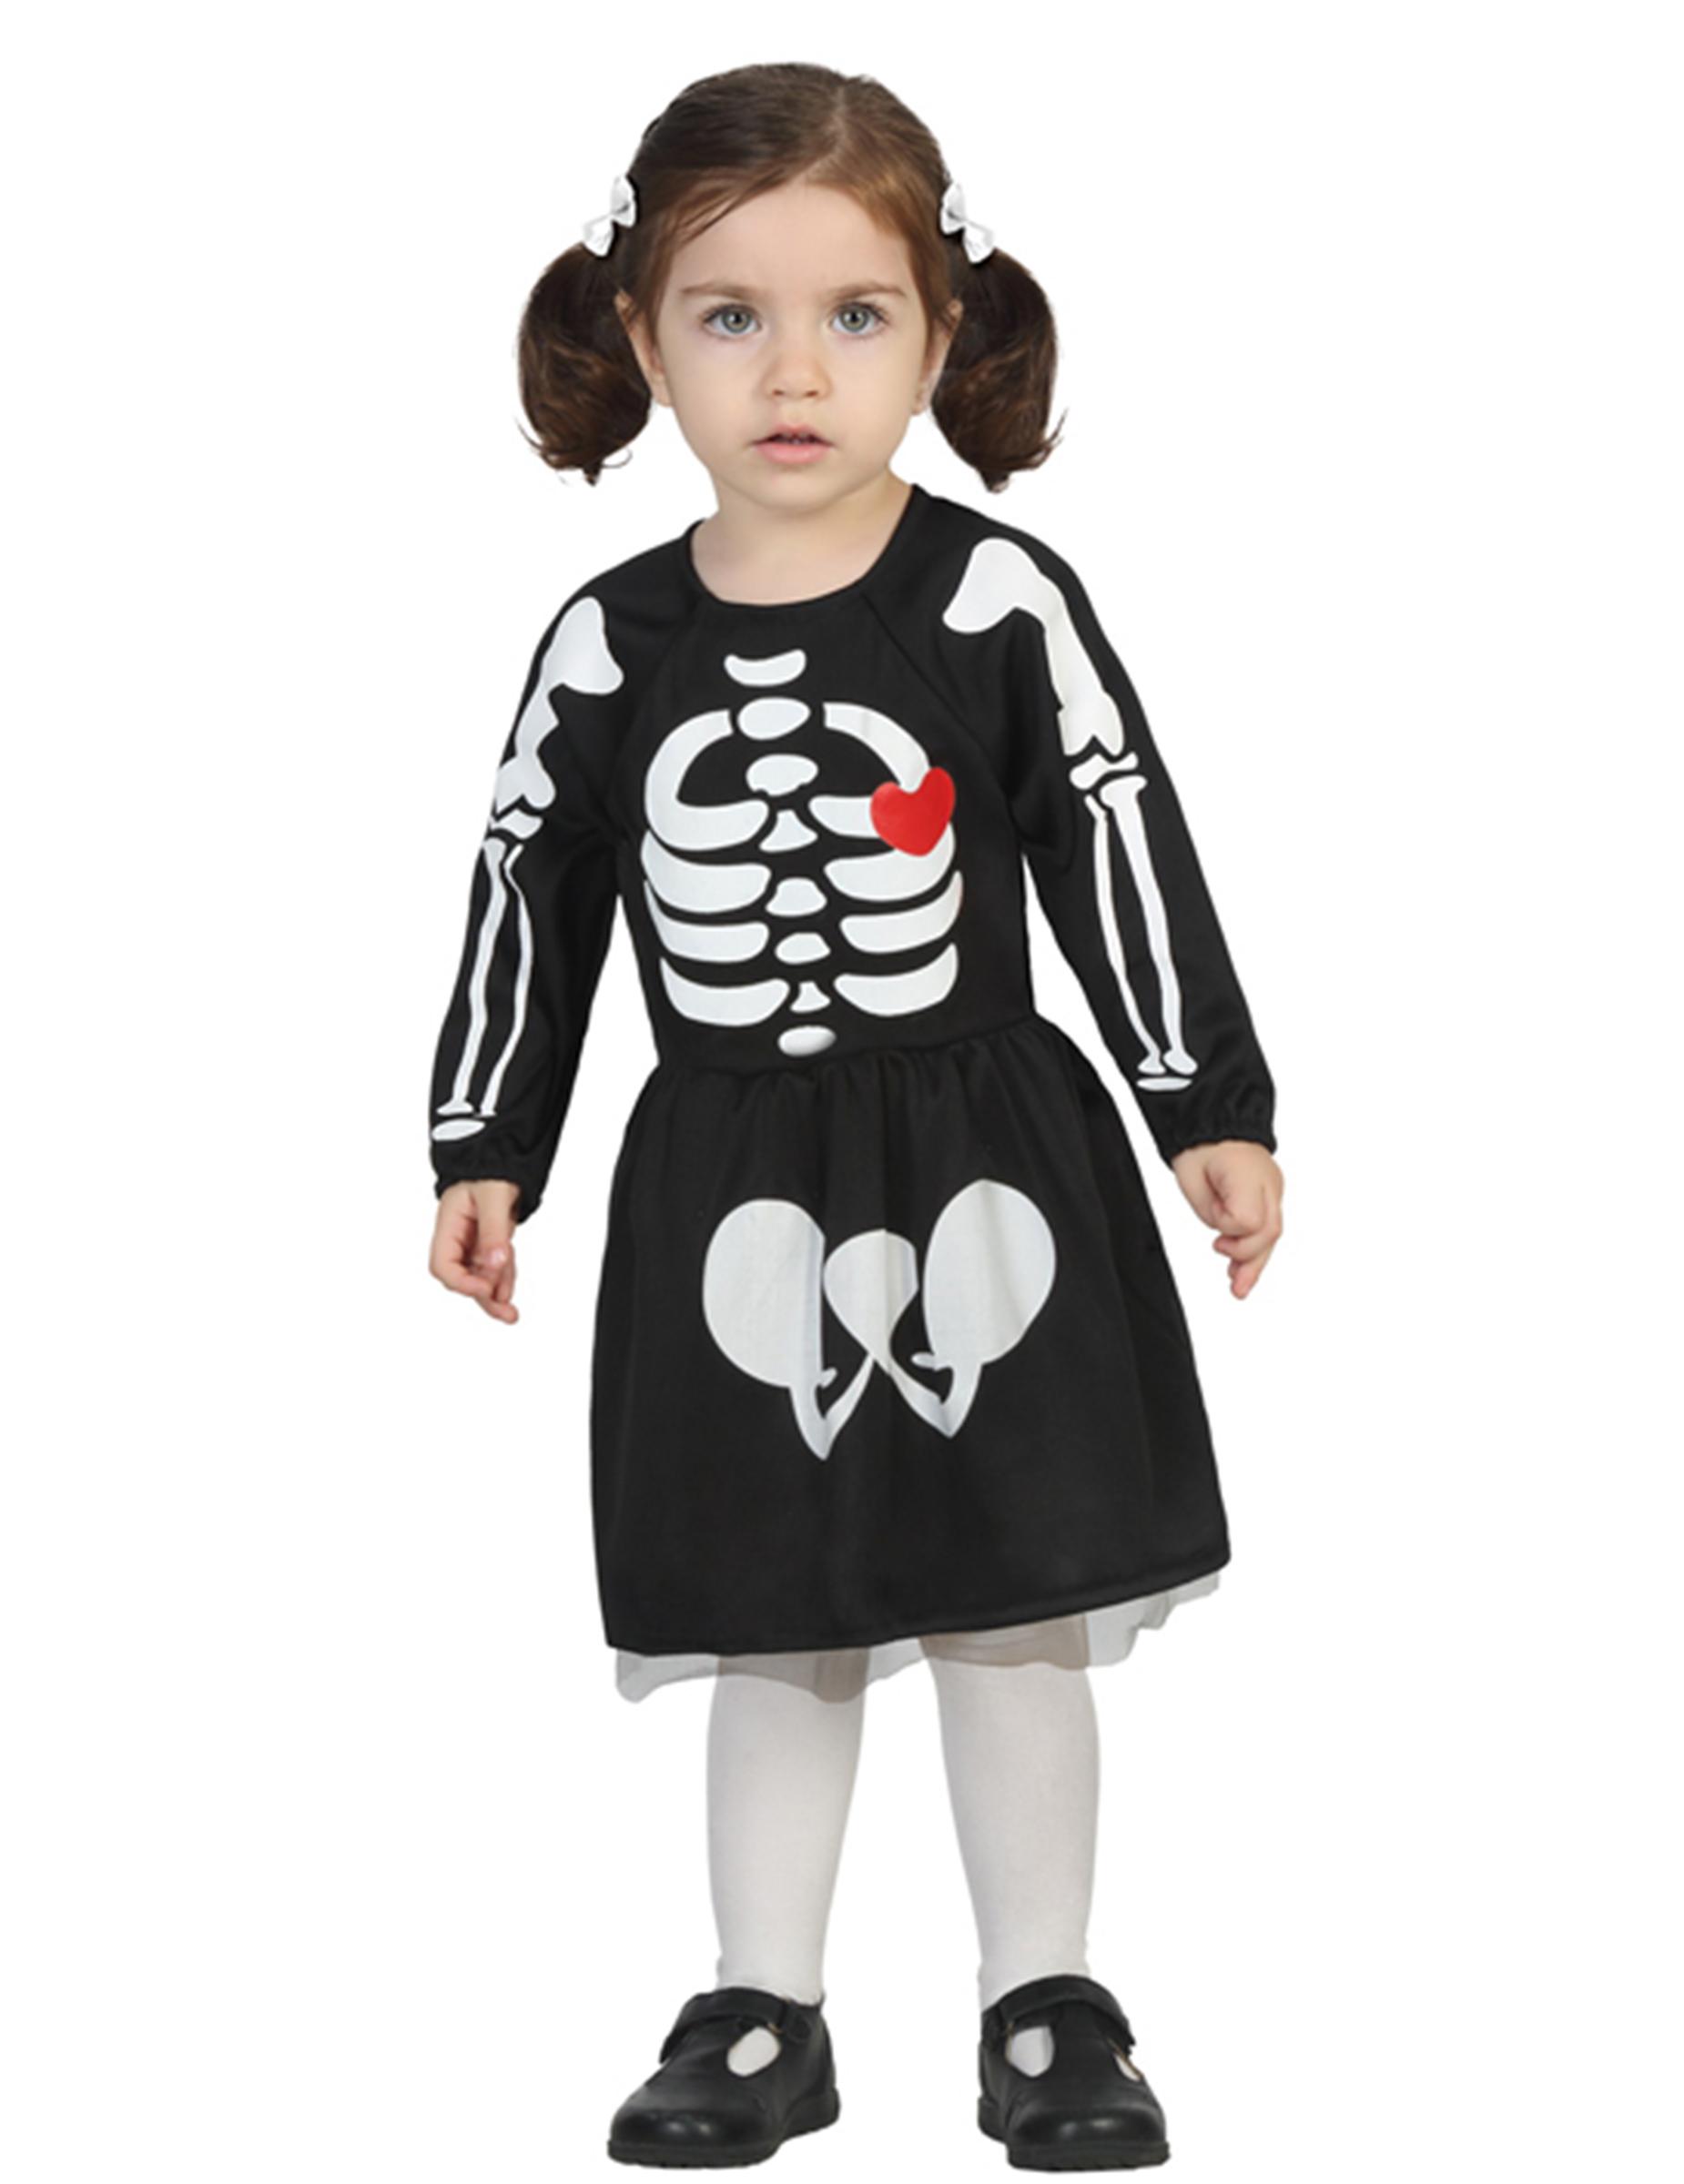 63545558e Disfarce bébé esqueleto menina Halloween  Disfarces Crianças ...